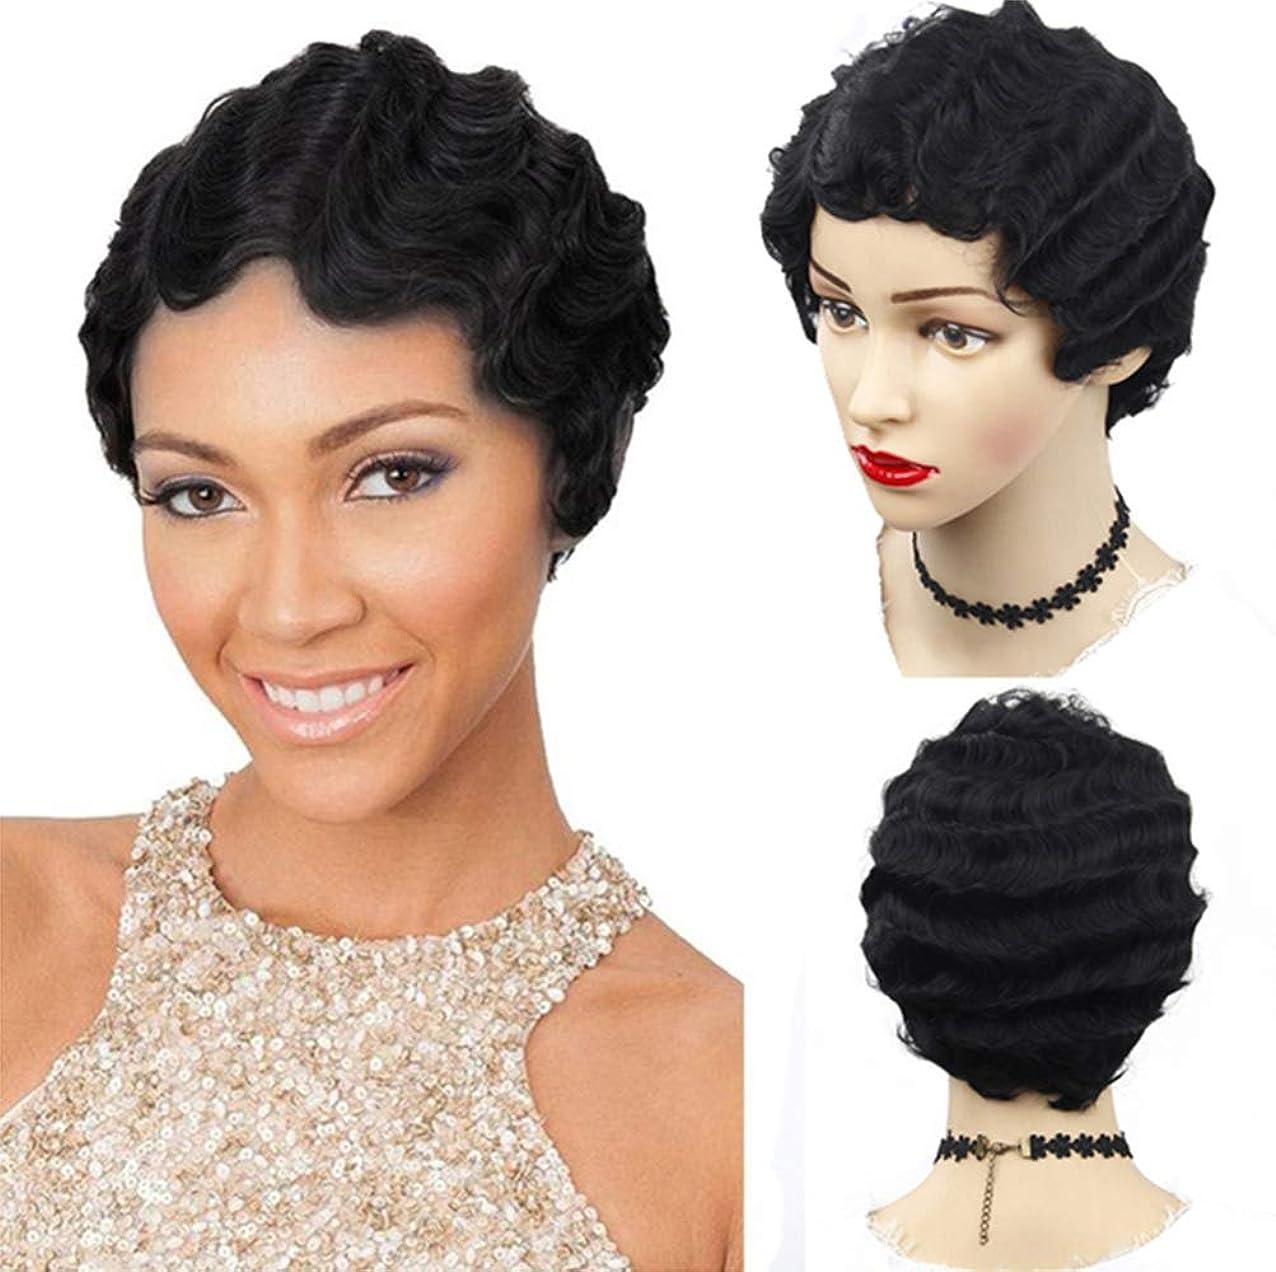 統合不毛急勾配の女性かつら波状のカーリー高密度耐熱性人工毛ウィッグブラック26 cm